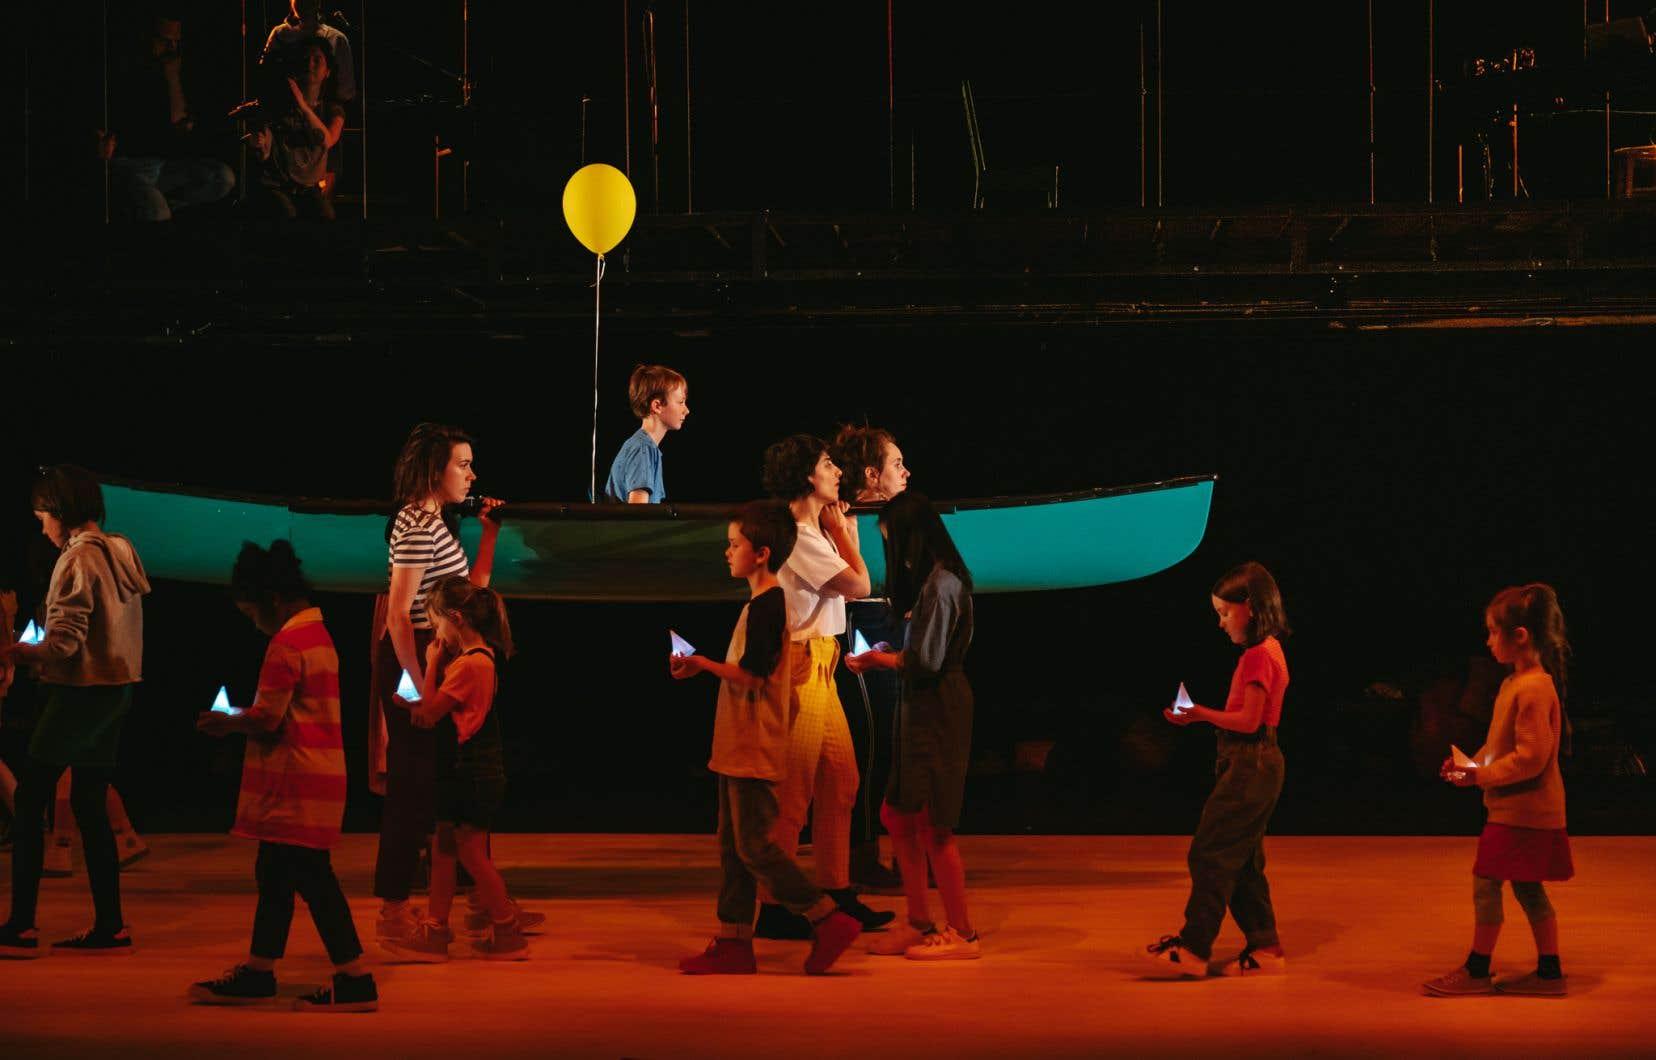 Une quinzaine d'enfants participent par ailleurs au spectacle. Un choix qui pourrait tenir de la facilité; or, les créatrices ont fait preuve ici d'une sensibilité énorme.